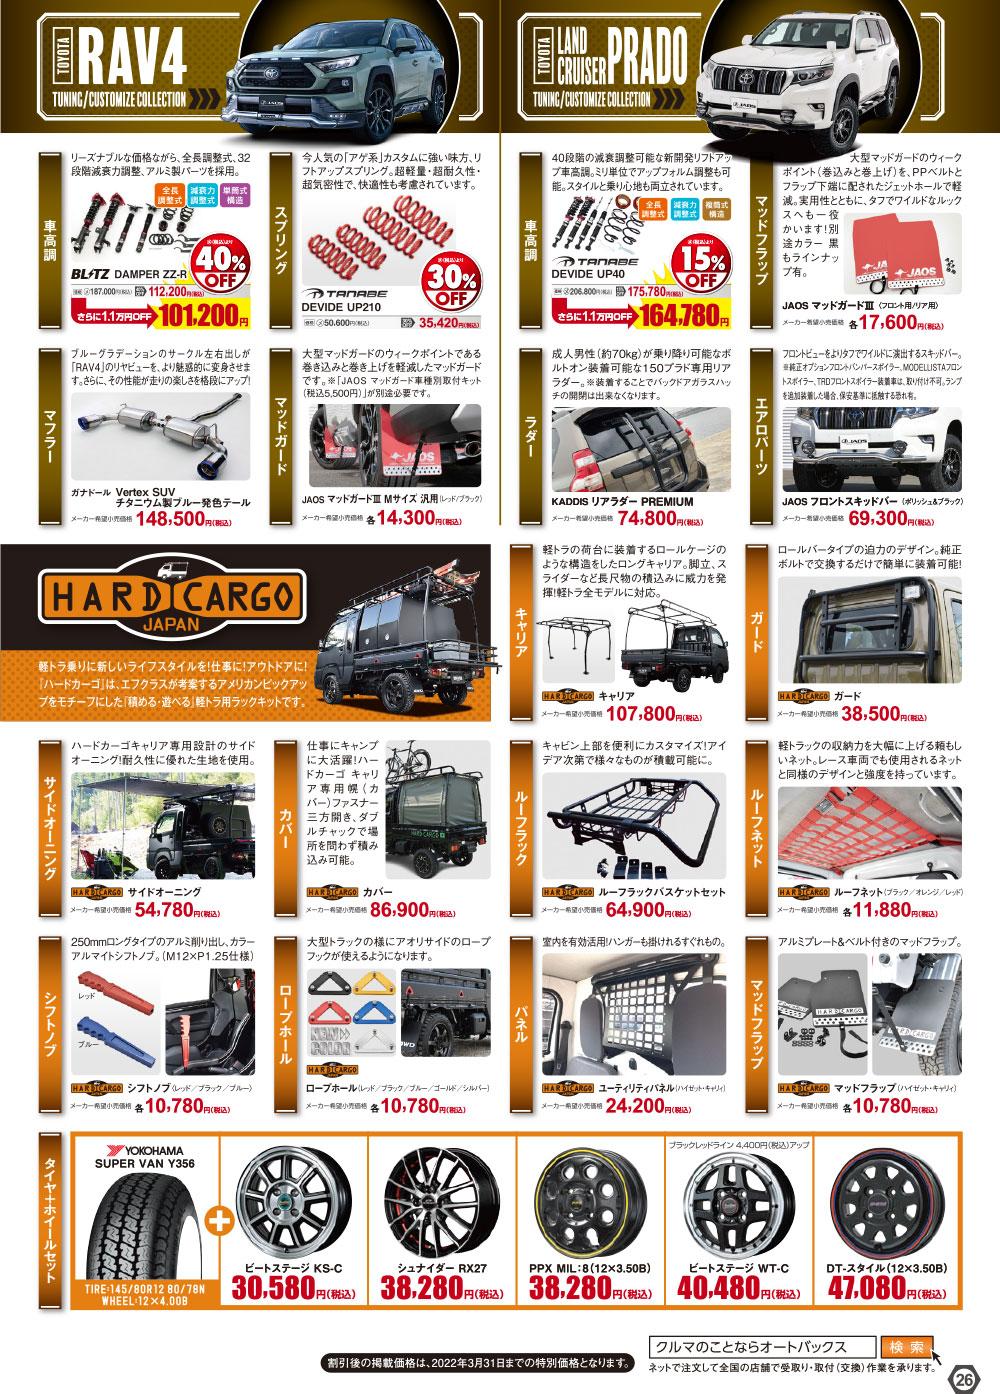 オートバックス_ヒートアップキャンペーン_TOYOTA RAV4/ランドクルーザーPRADO